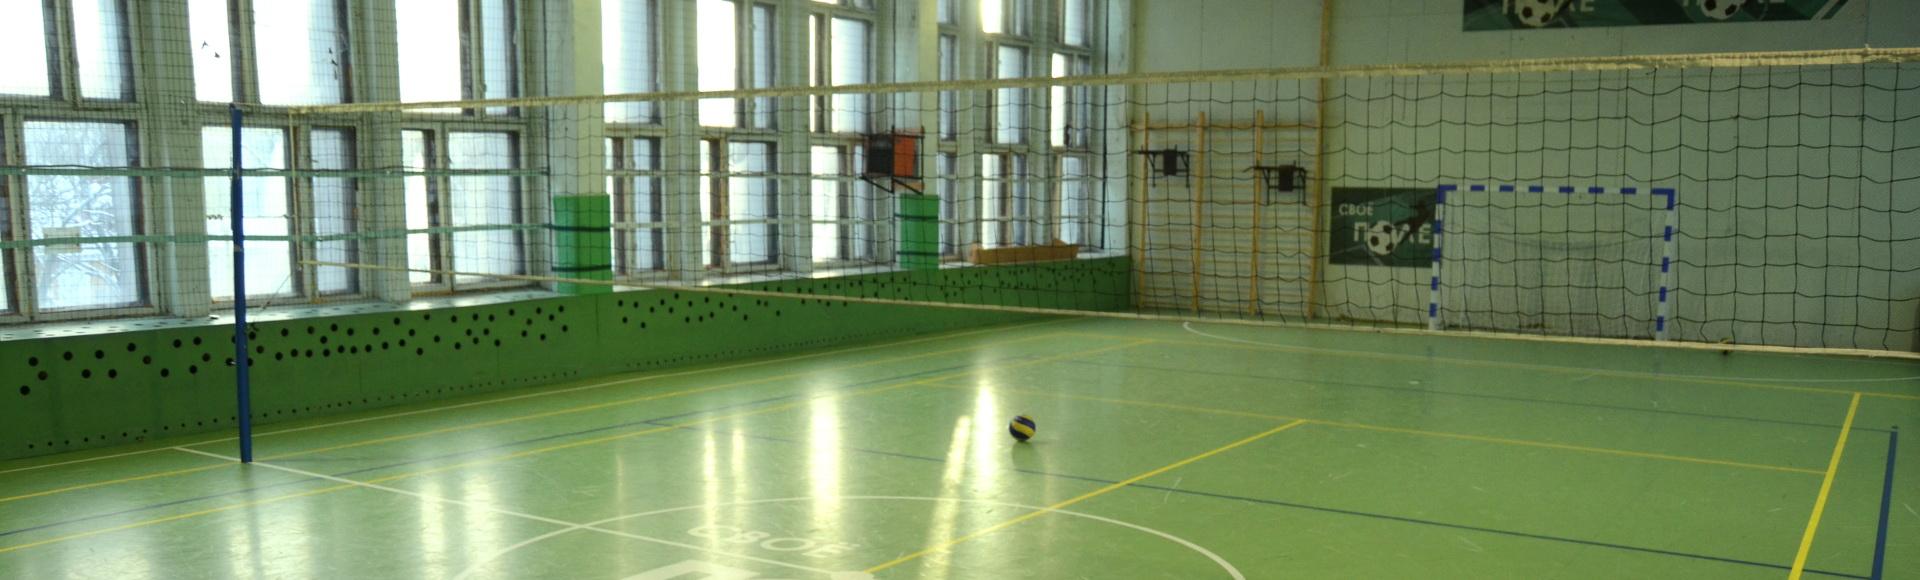 Спортивный зал для игры в волейбол и баскетбол